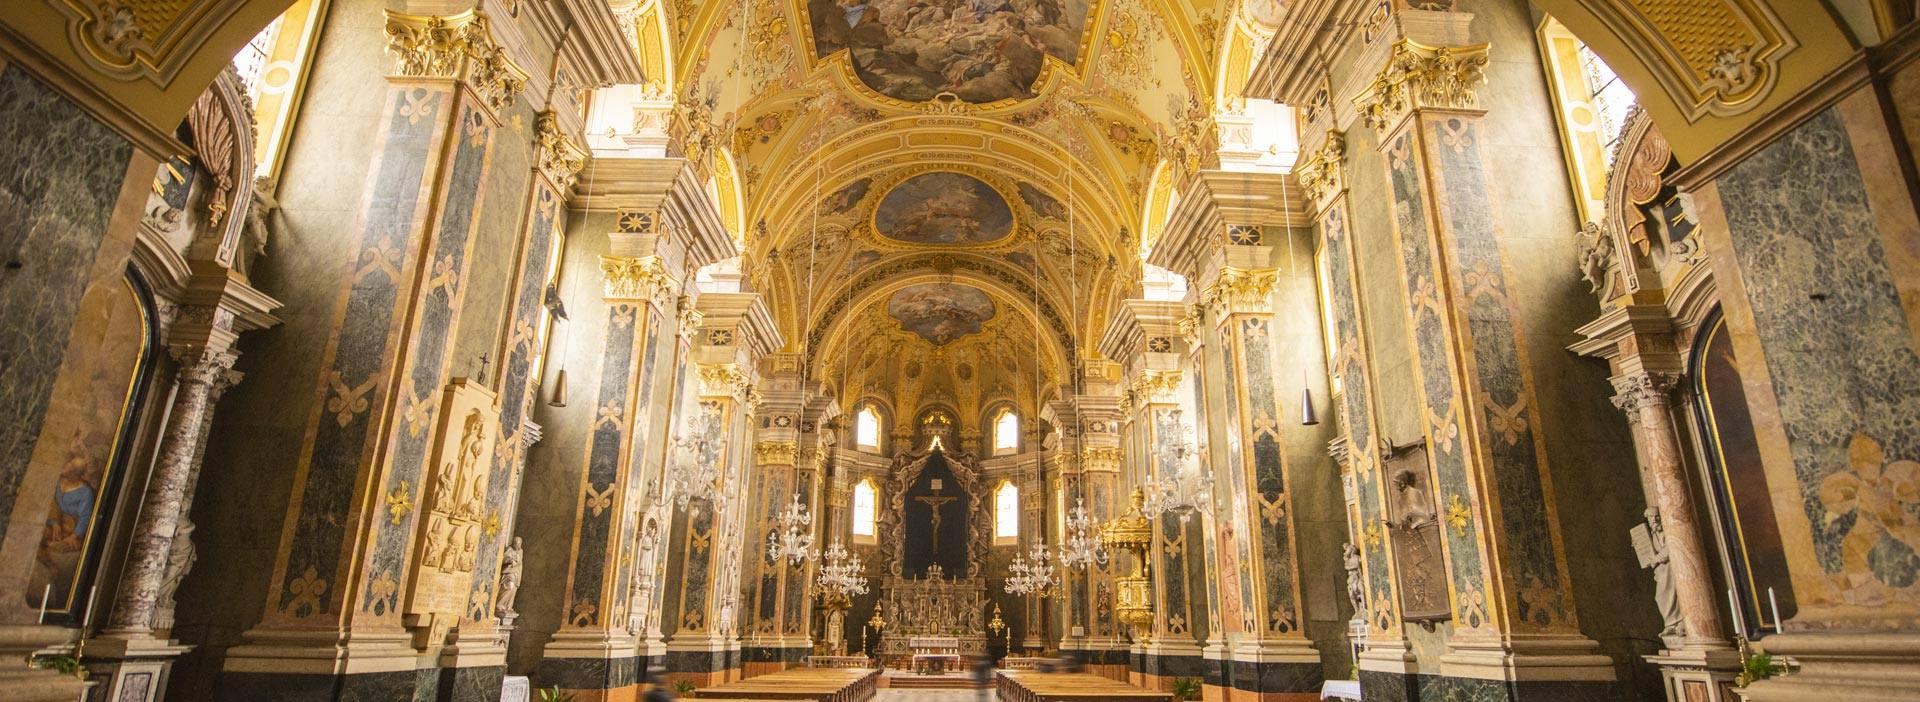 Duomo e chiostro del Duomo di Bressanone